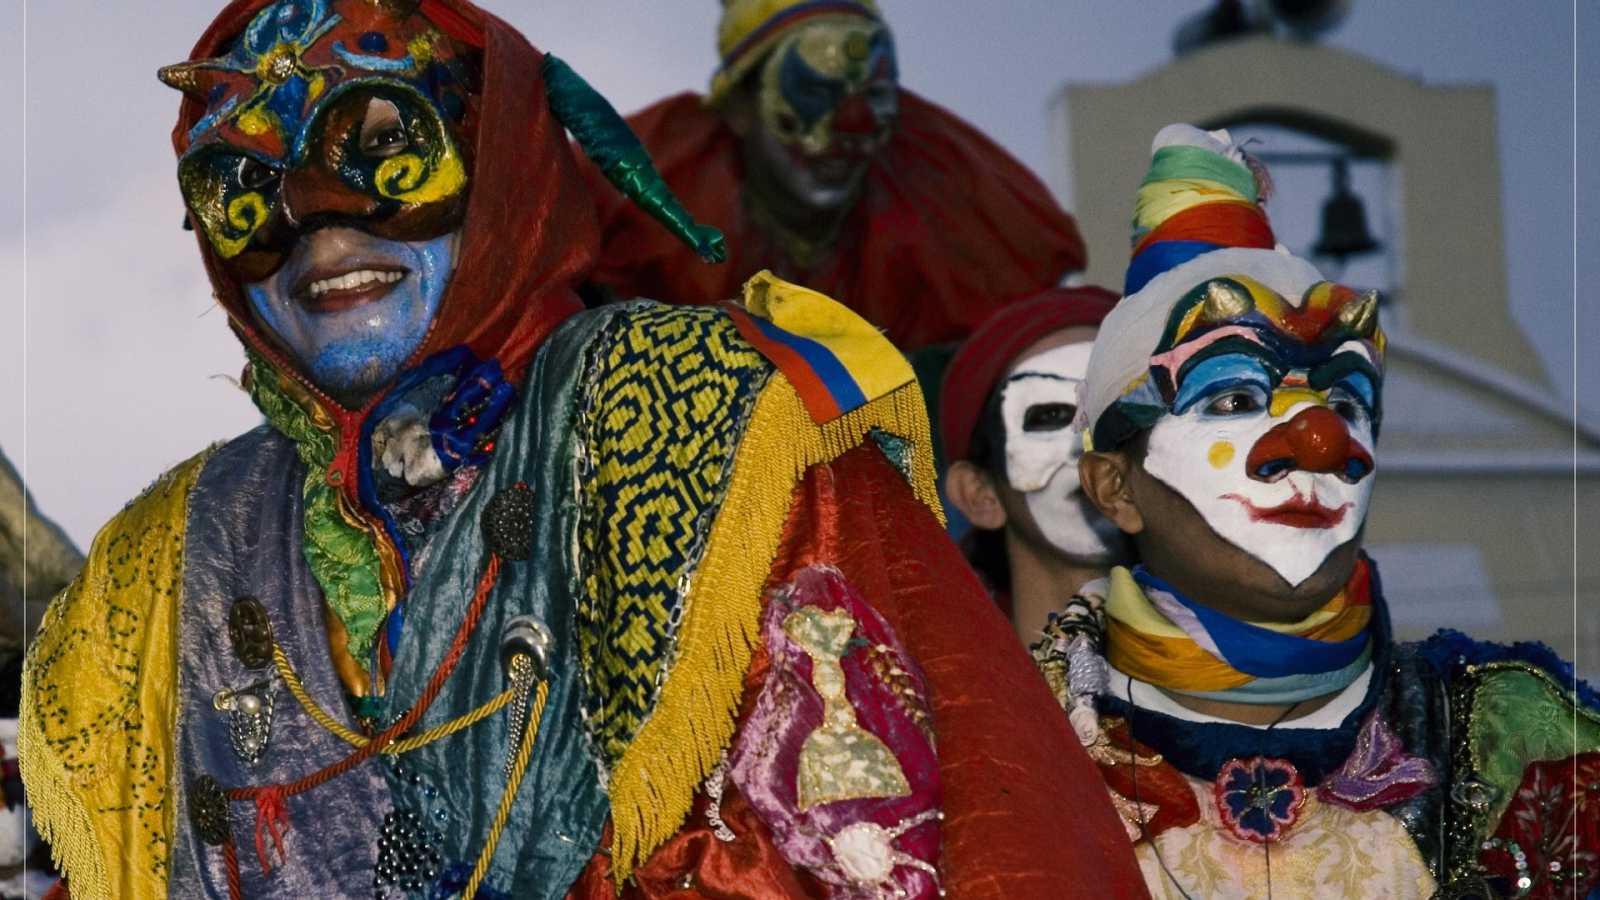 Reportajes 5 continentes - Artistas y crisis en Ecuador - Escuchar ahora